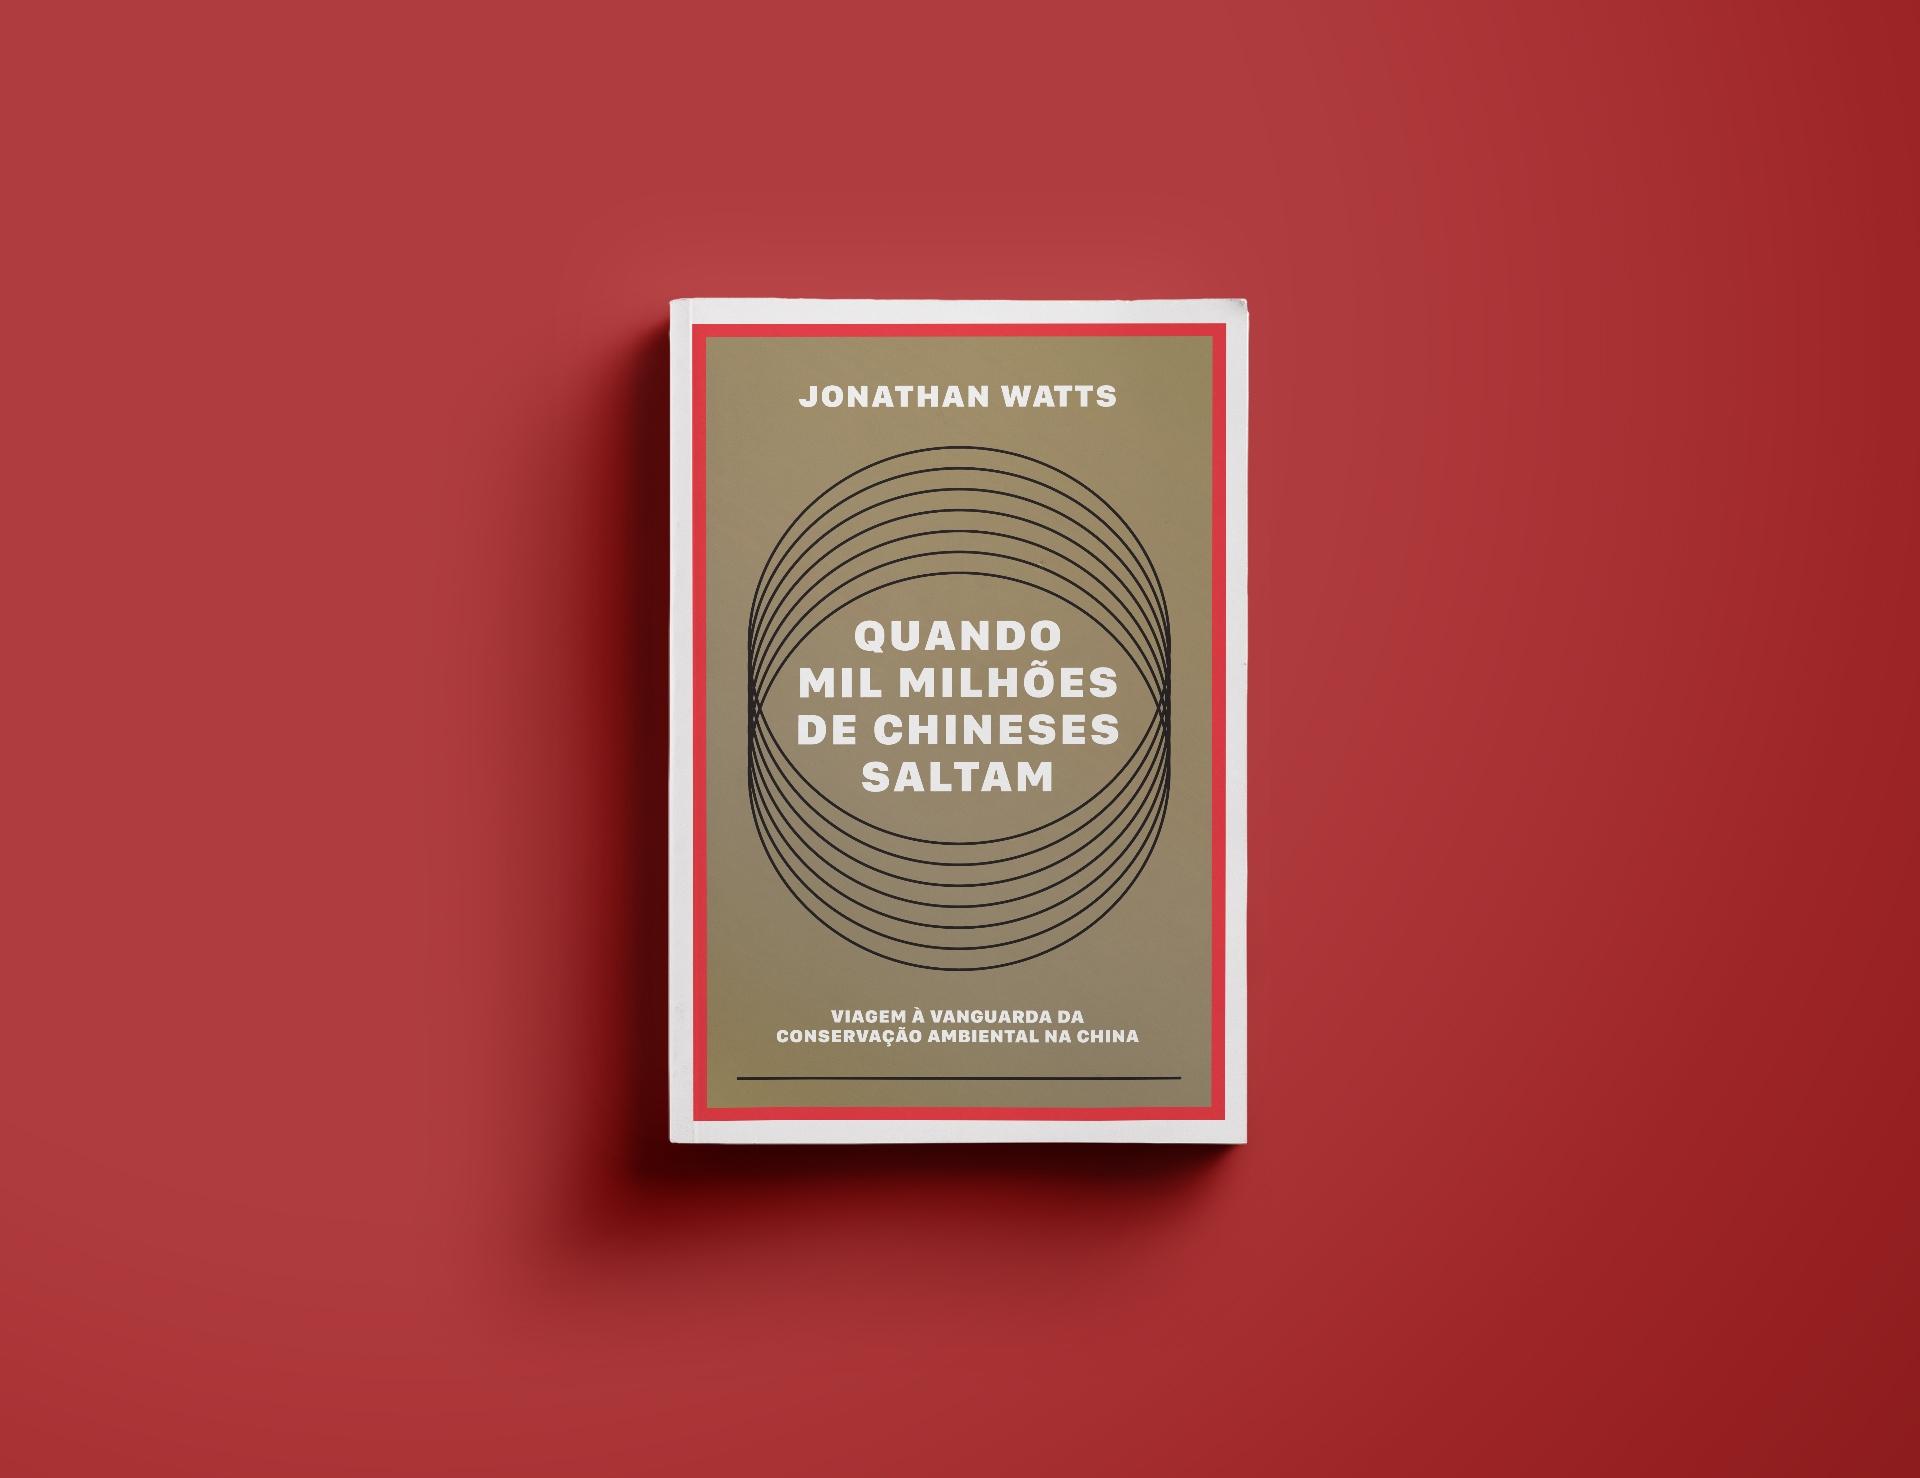 Bruno Rodrigues — Graphic & Type Design